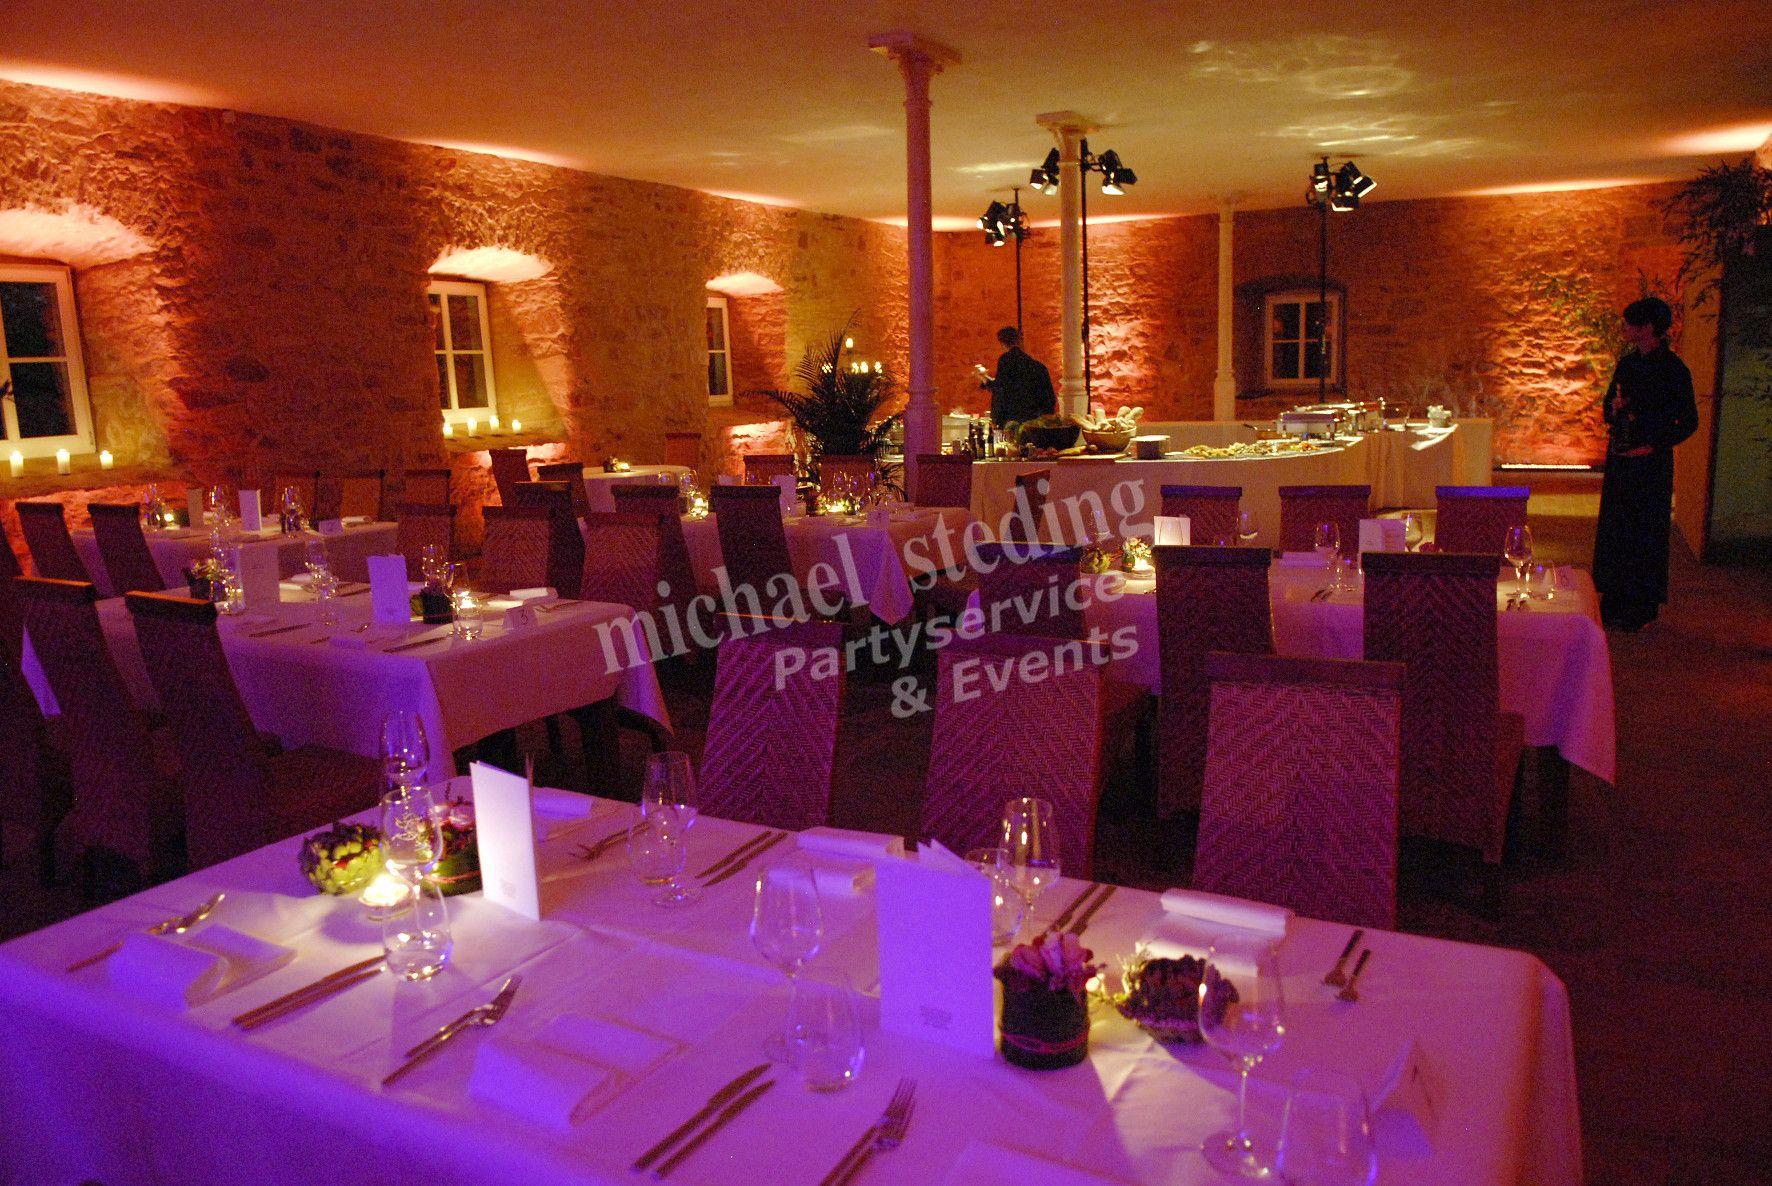 1284 Hochzeit Bad Nenndorf Apelern Partyservice Buffet Location Rittergut Remeringhausen Jpg 1772 1186 Partyservice Rittergut Buffet